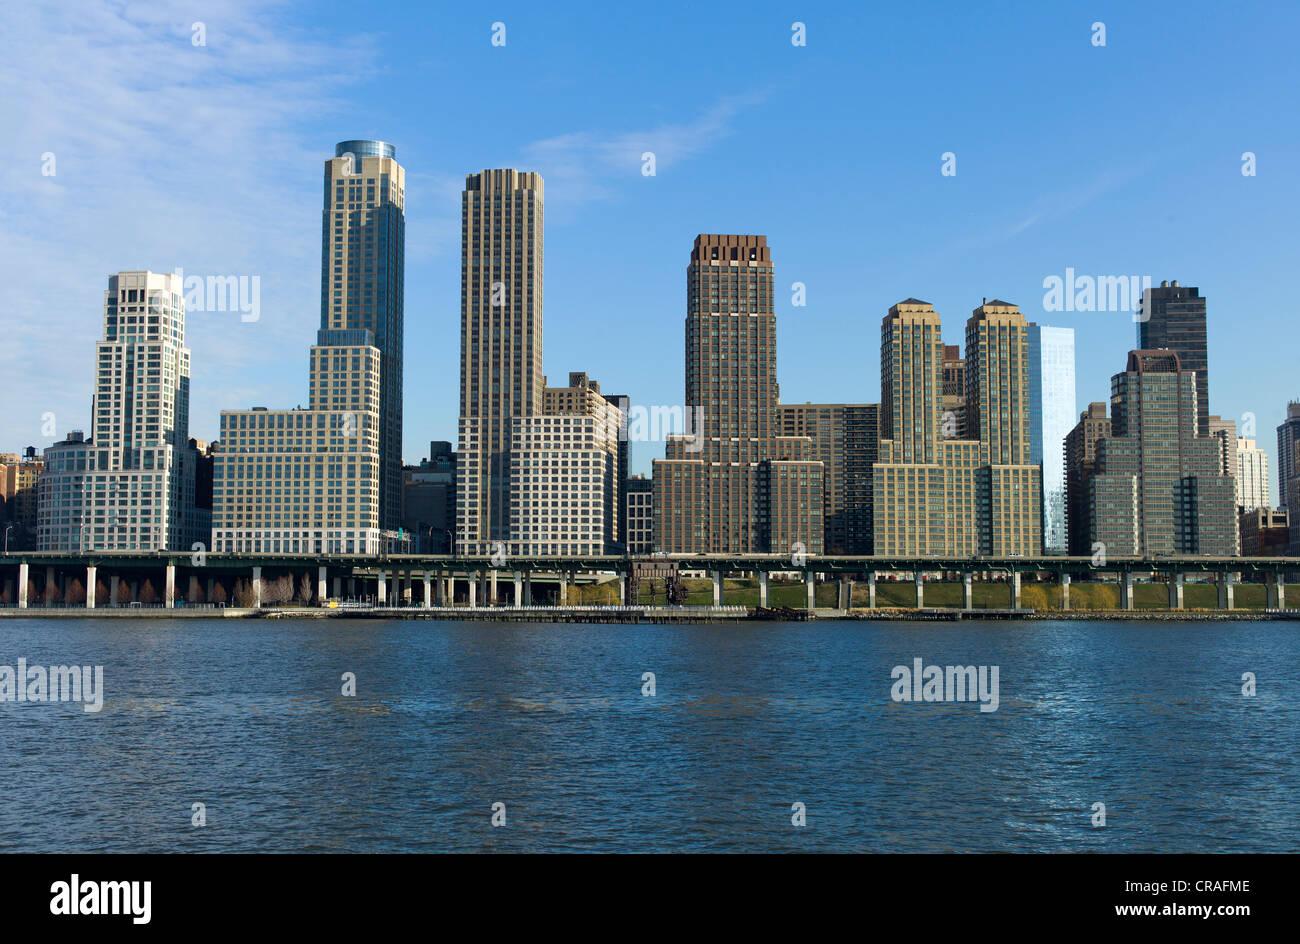 skyline upper west side hudson river new york usa stock photo royalty free image 48789678. Black Bedroom Furniture Sets. Home Design Ideas